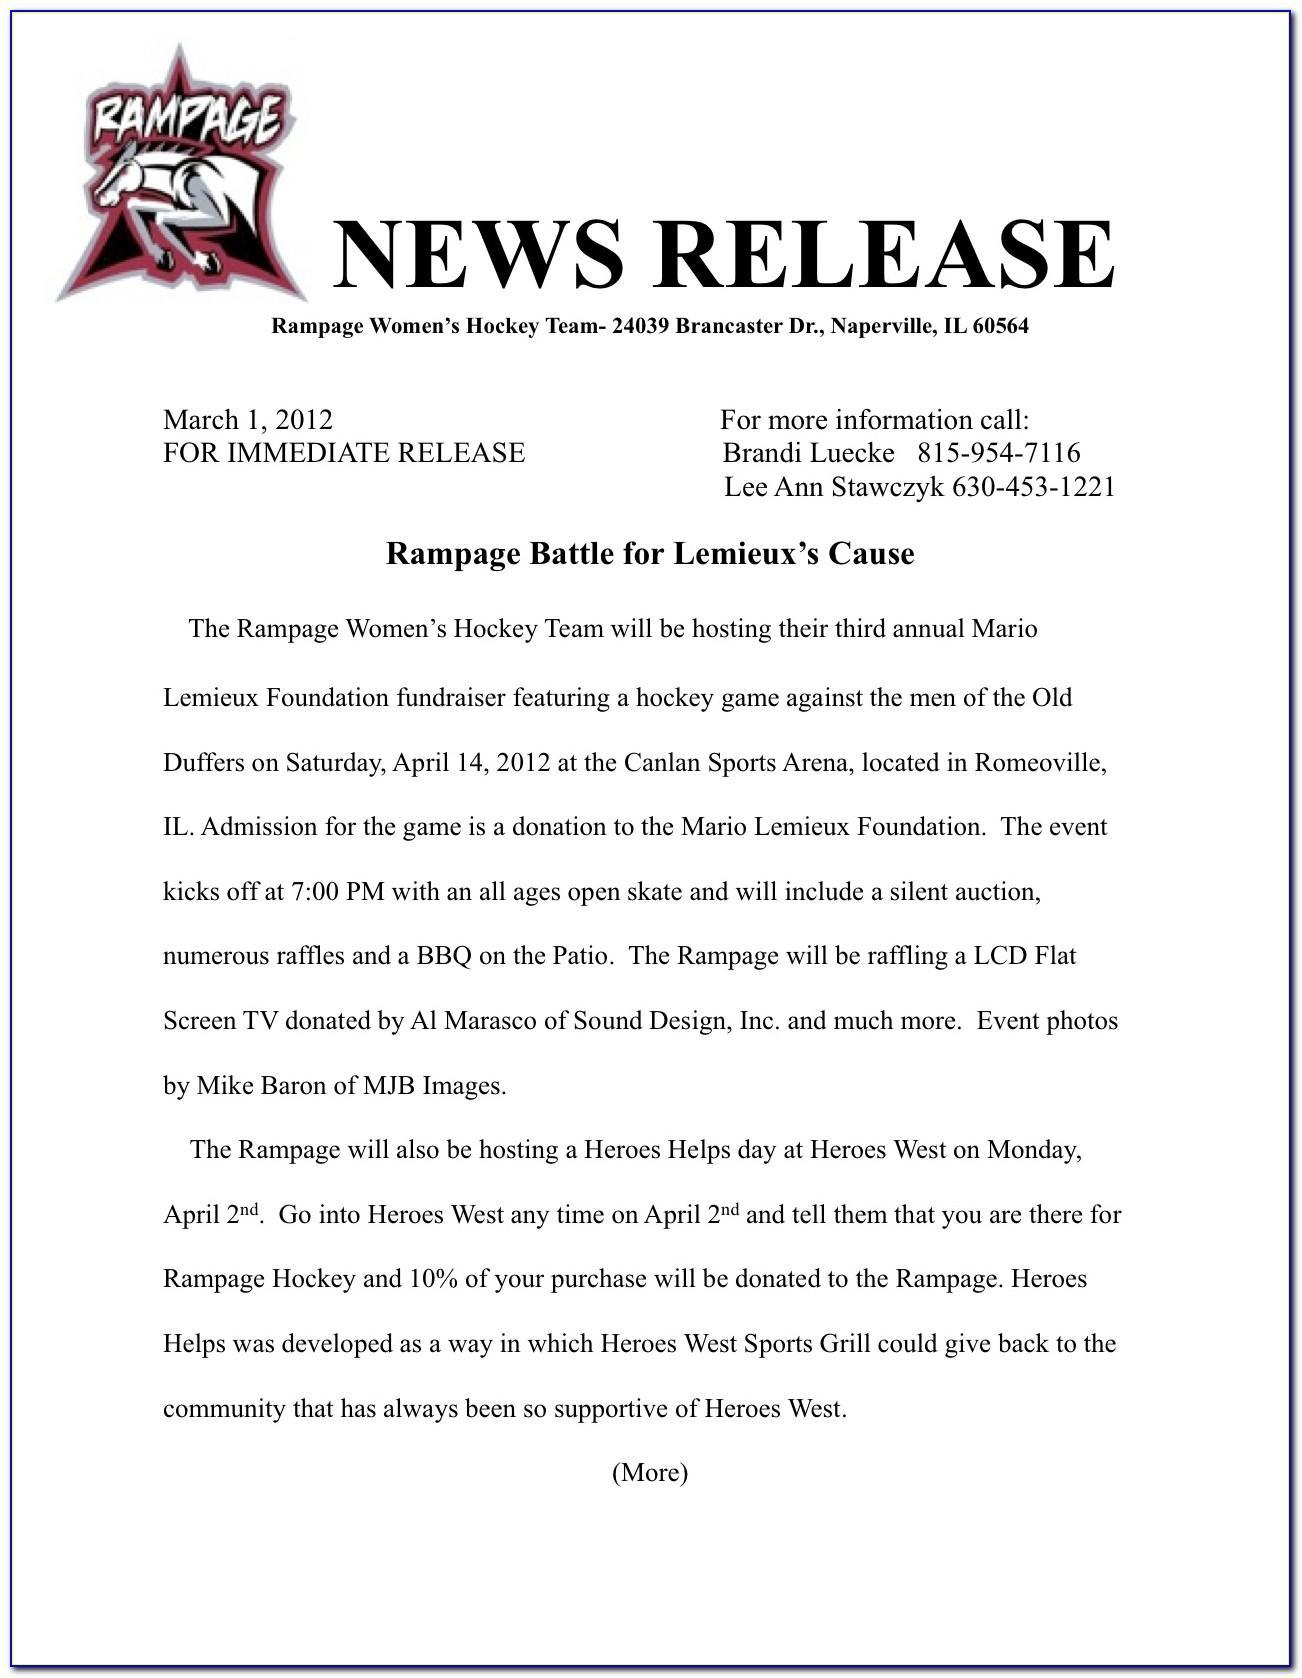 Press Release Example Non Profit Organization